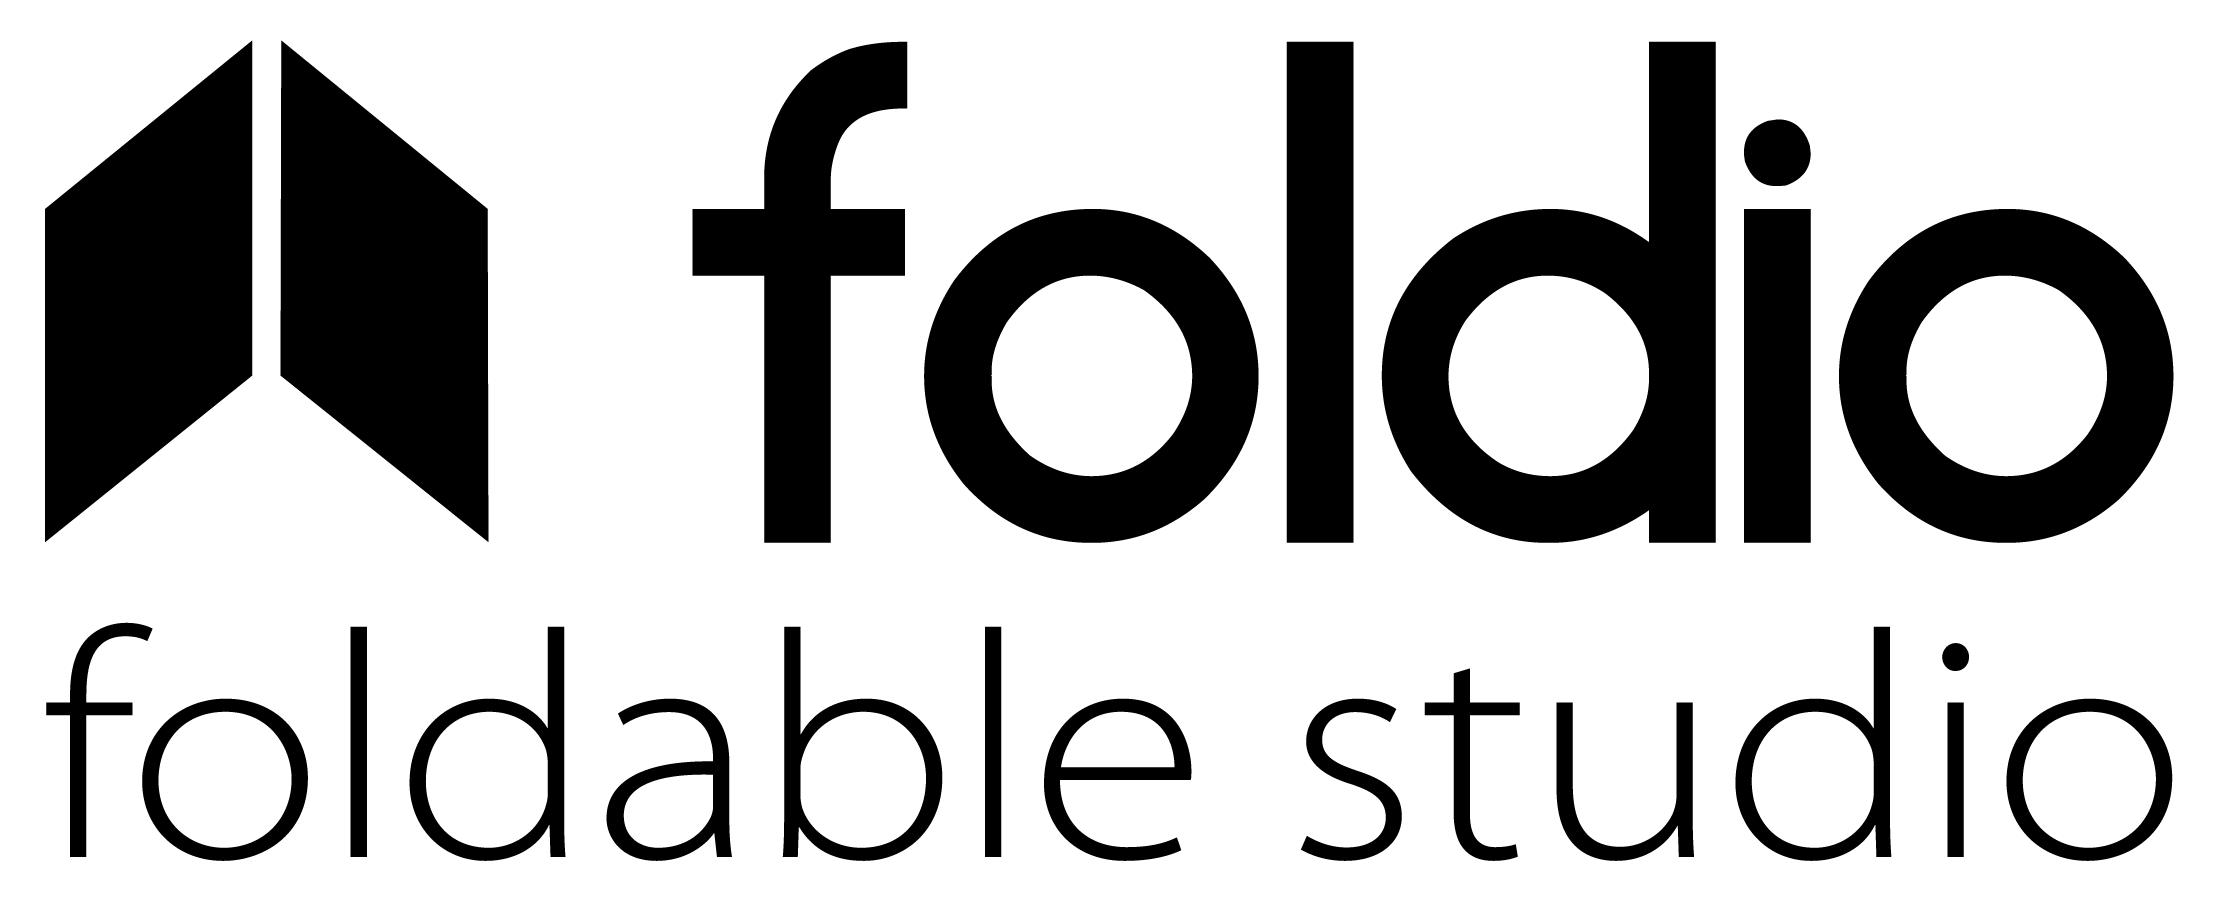 foldio.sk